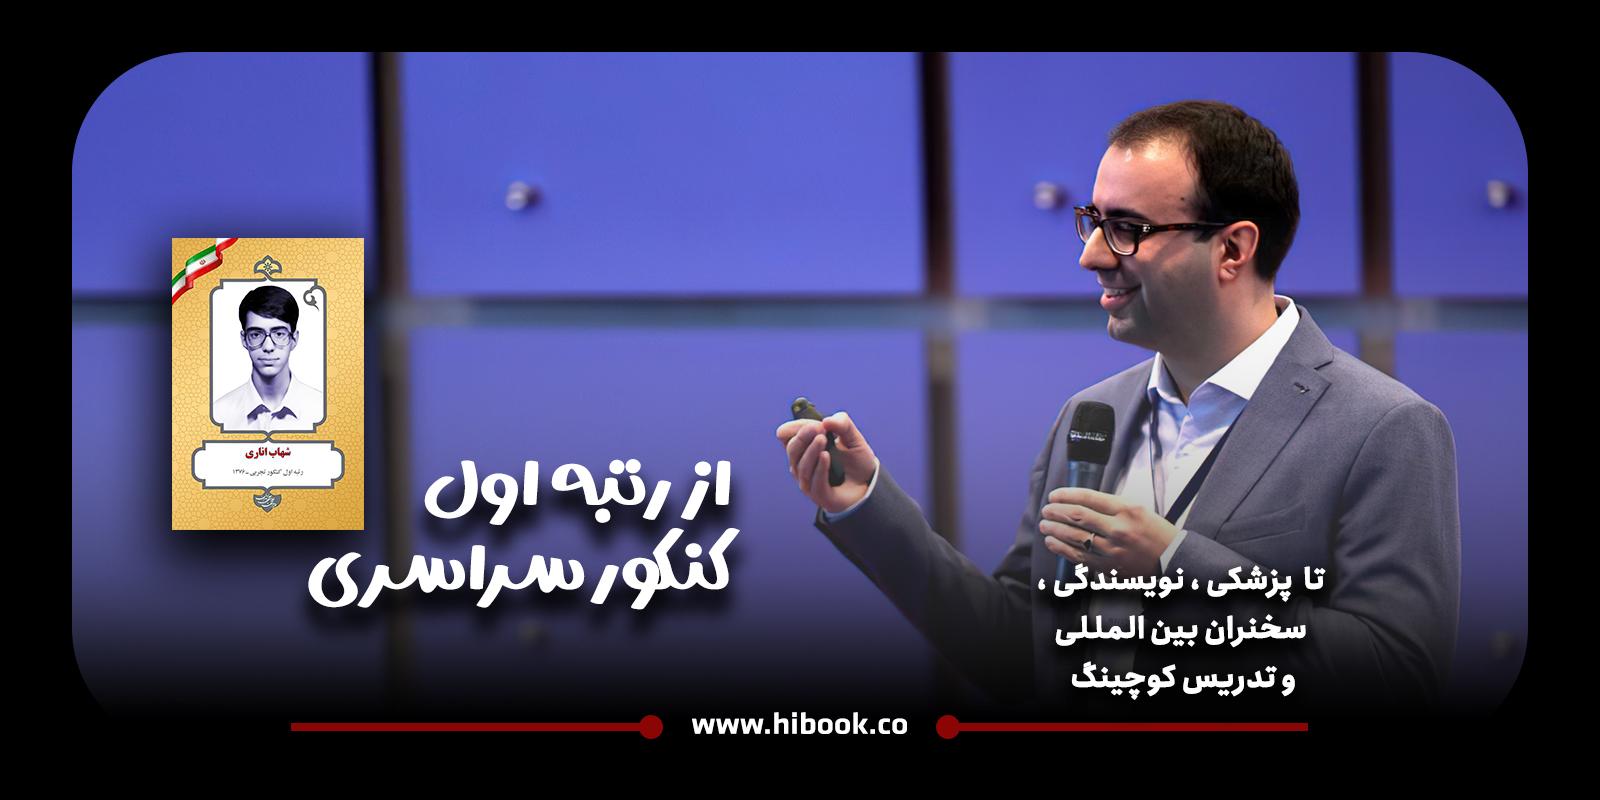 بیوگرافی دکتر شهاب اناری